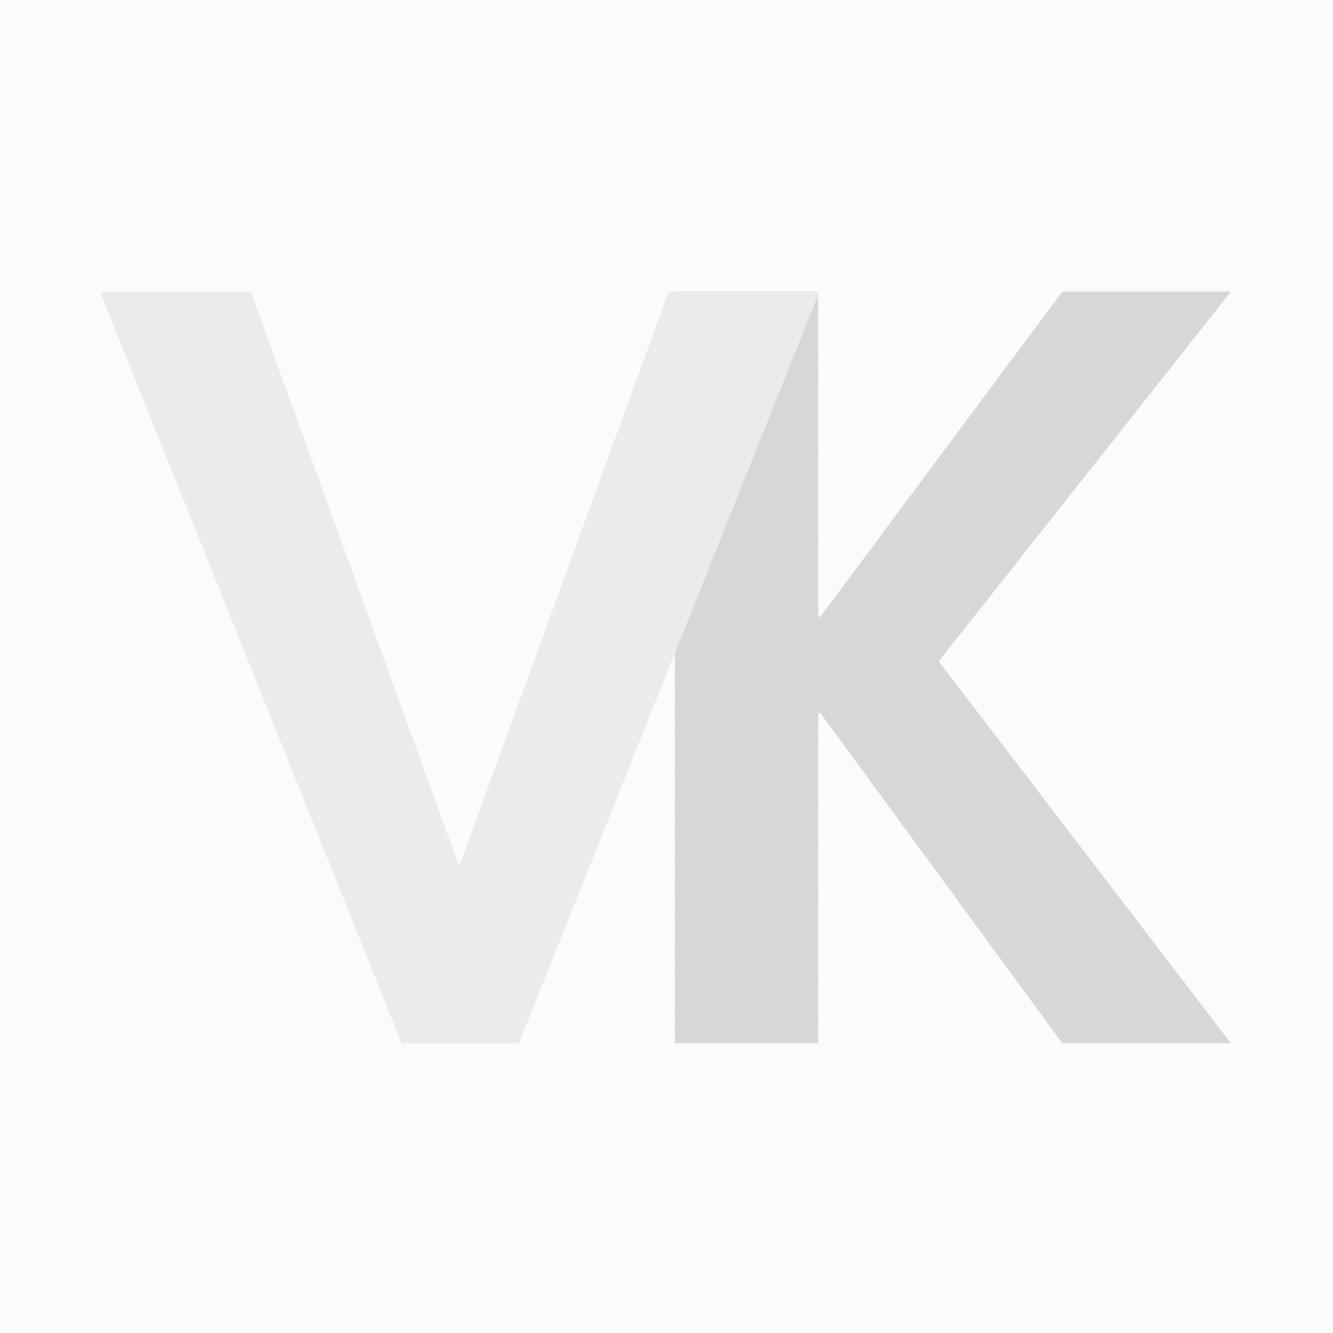 Sibel Kaplaken Flexi 4 Antraciet 108x130cm